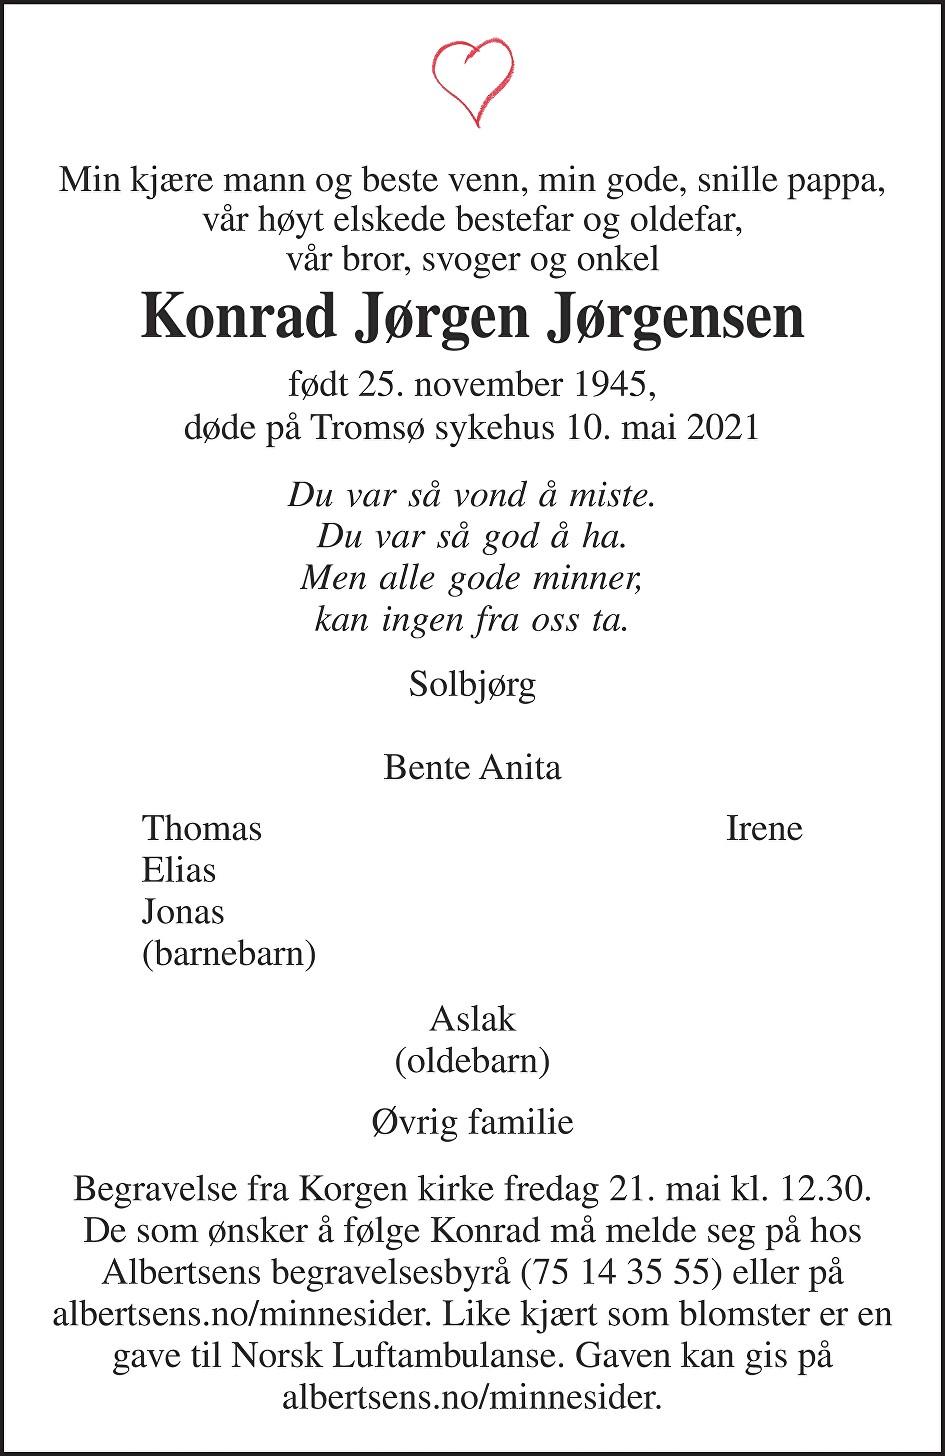 Konrad Jørgen Jørgensen Dødsannonse